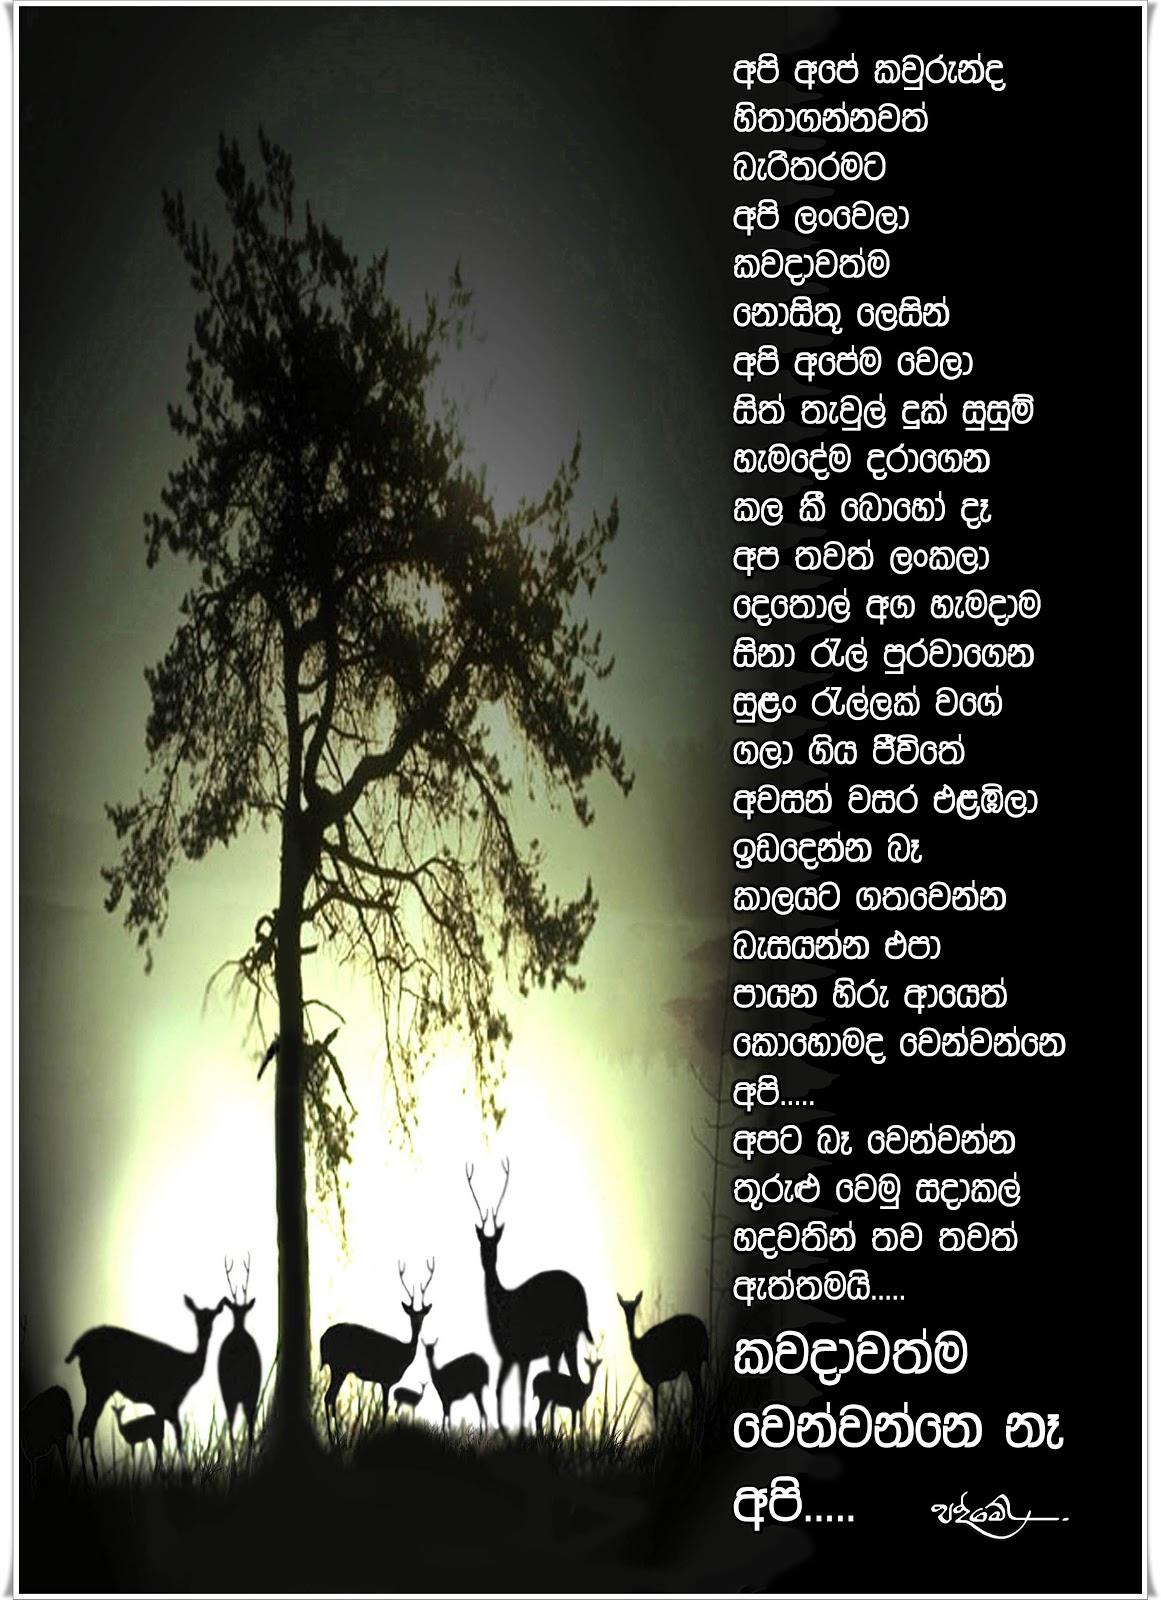 peradeniya university students poems